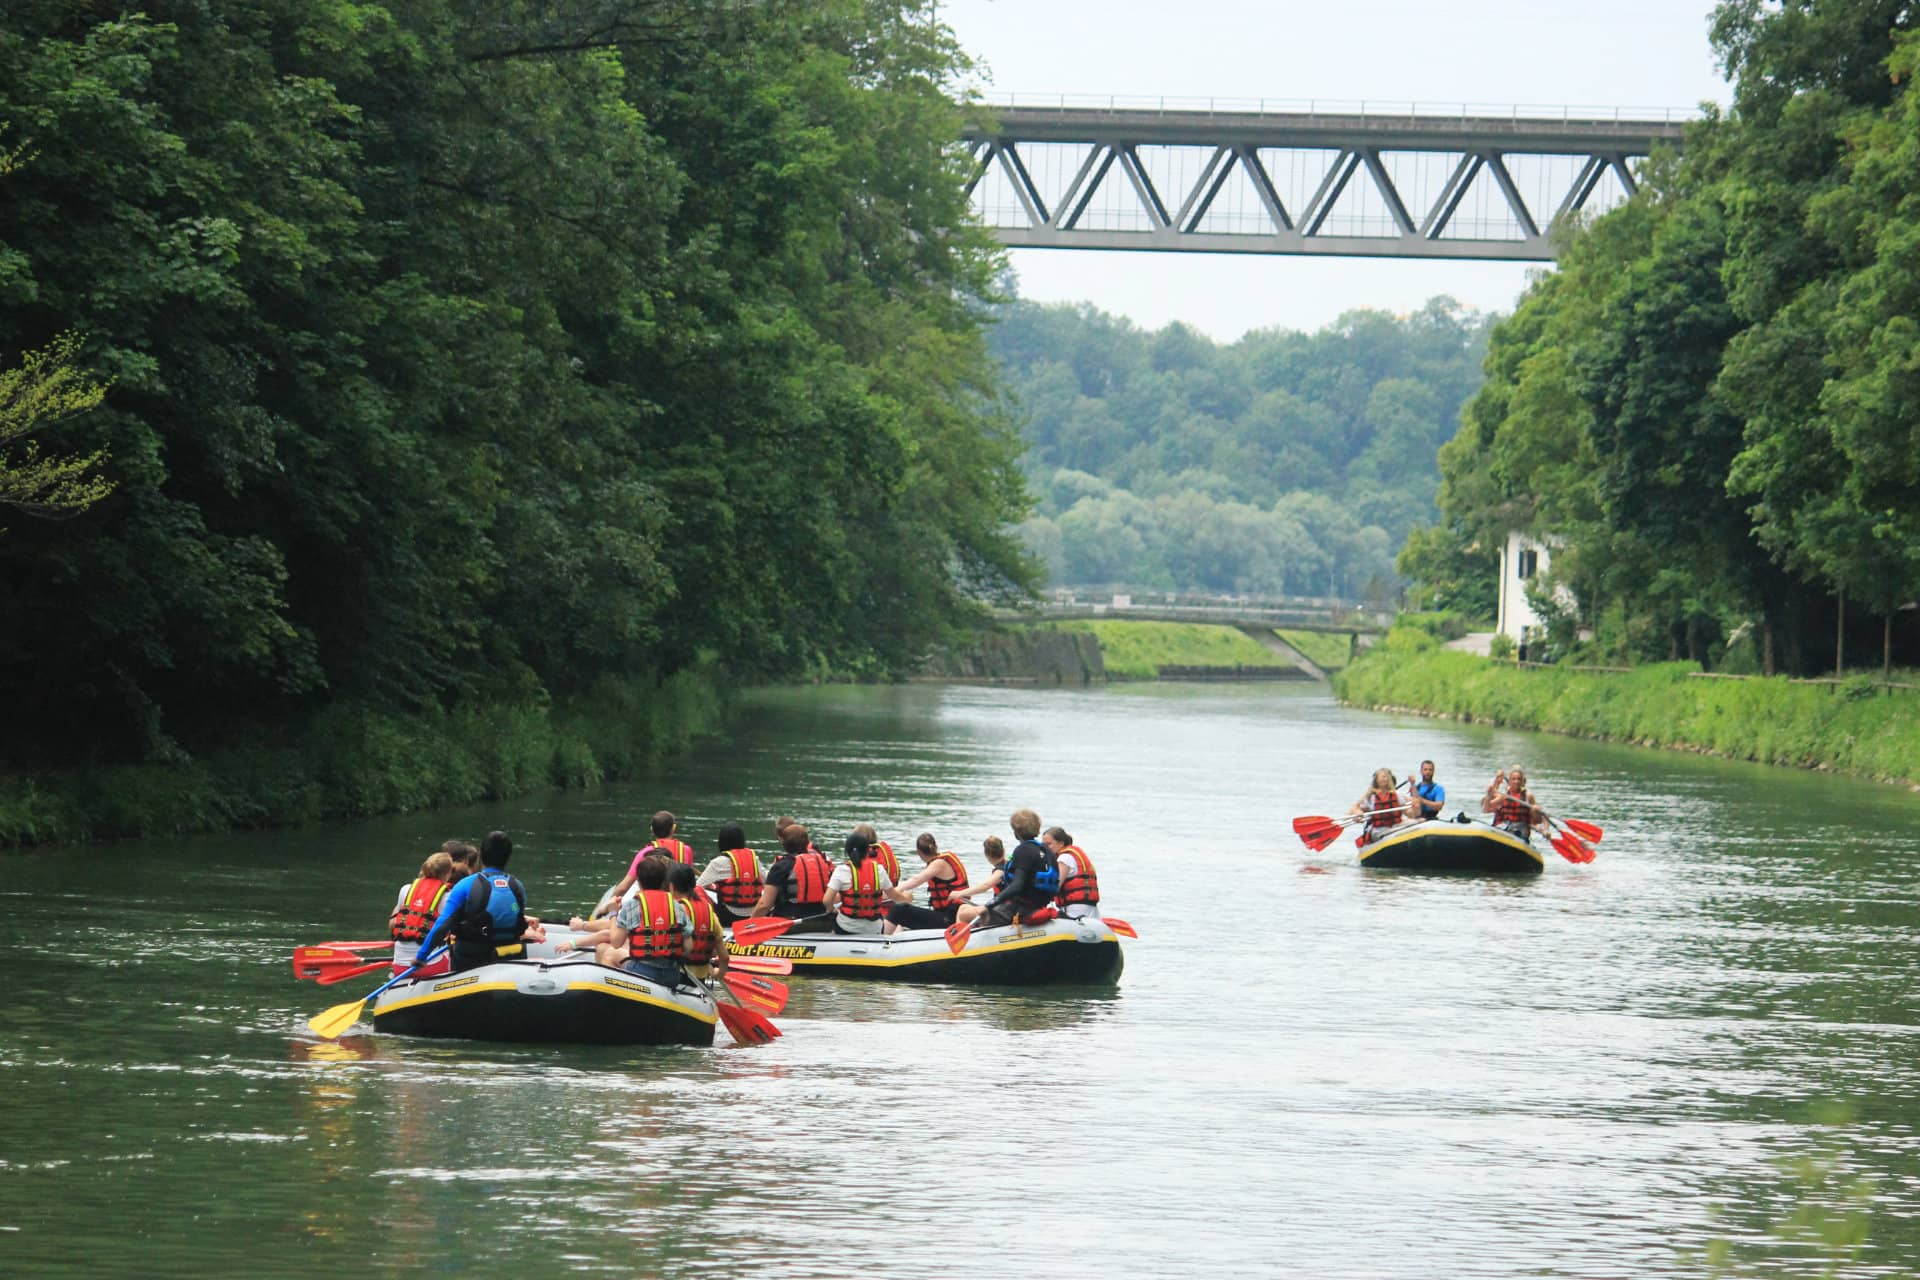 Schlauchboottour Isar Gruenwald - München